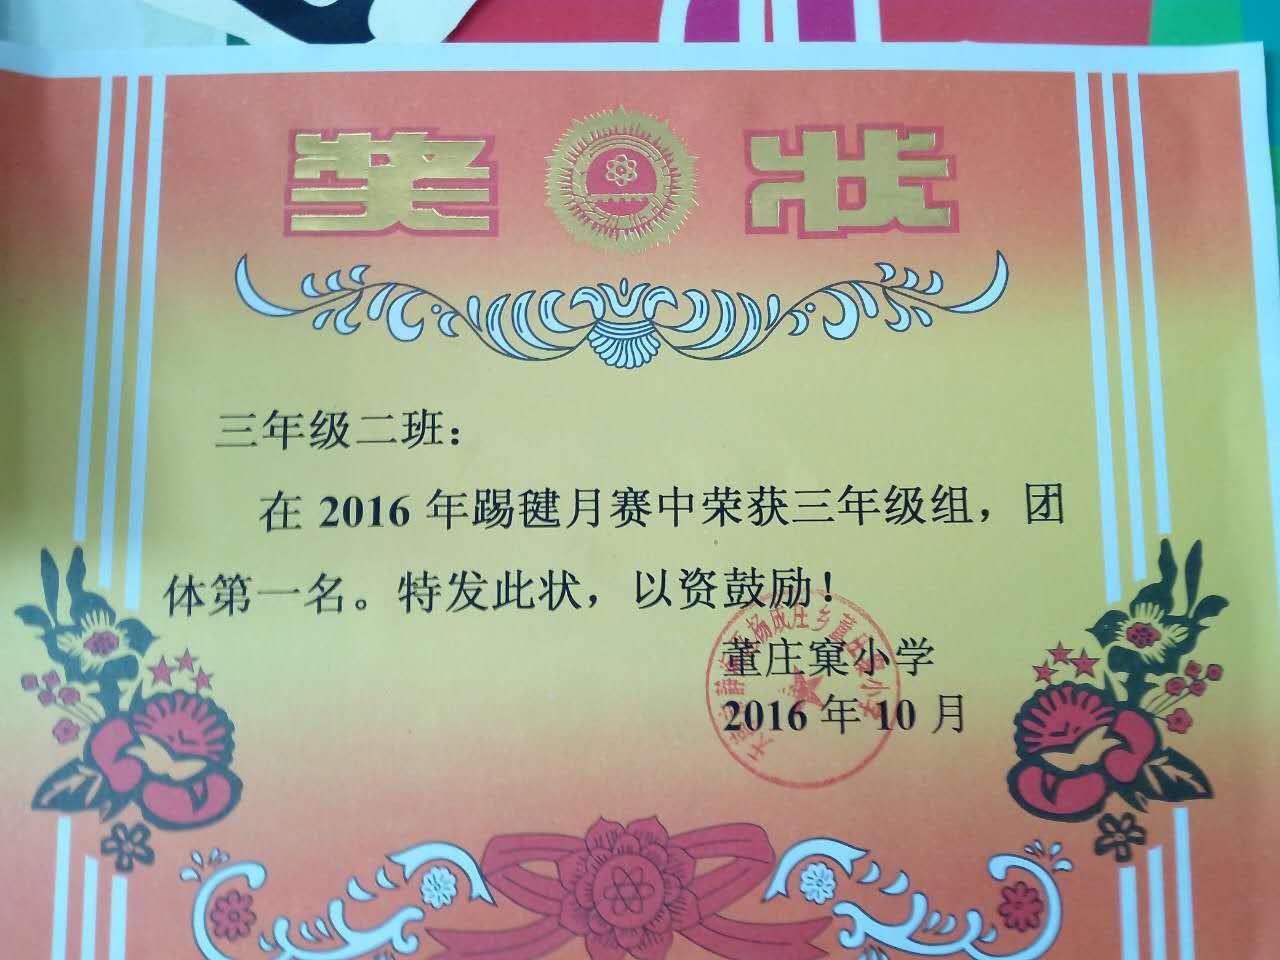 天津市静海区杨成庄乡东寨小学班级网站